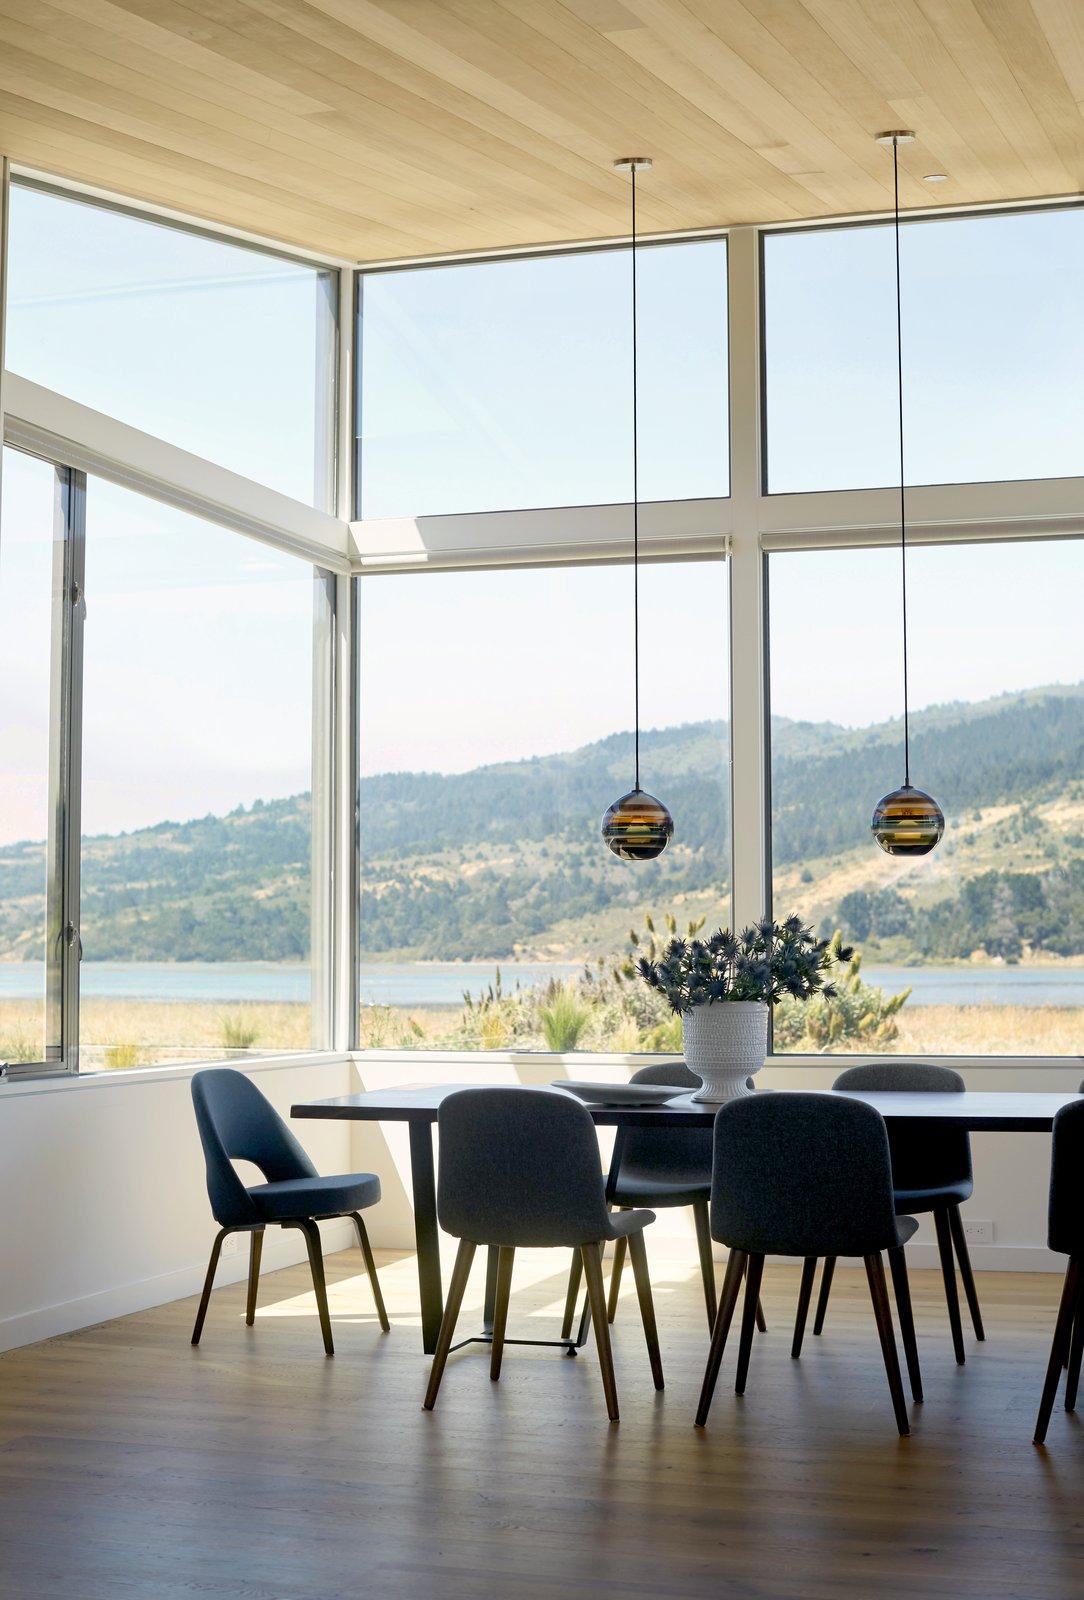 #TurnbullGriffinHaesloop #interior #diningroom #window